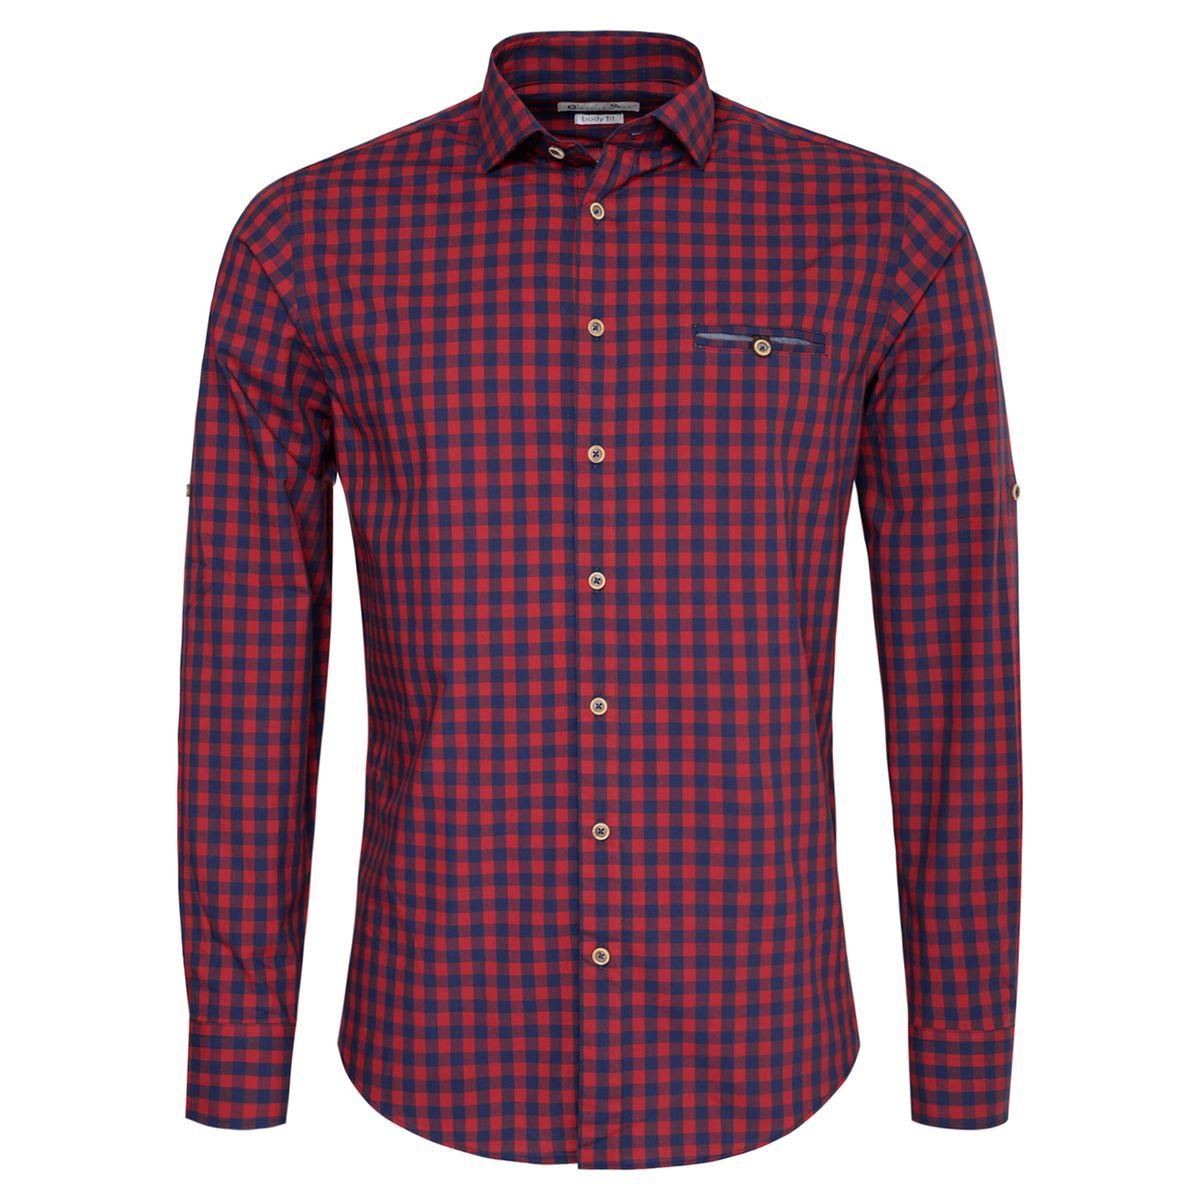 Trachtenhemd Body Fit Woife zweifarbig in Rot und Dunkelblau von Gweih und Silk